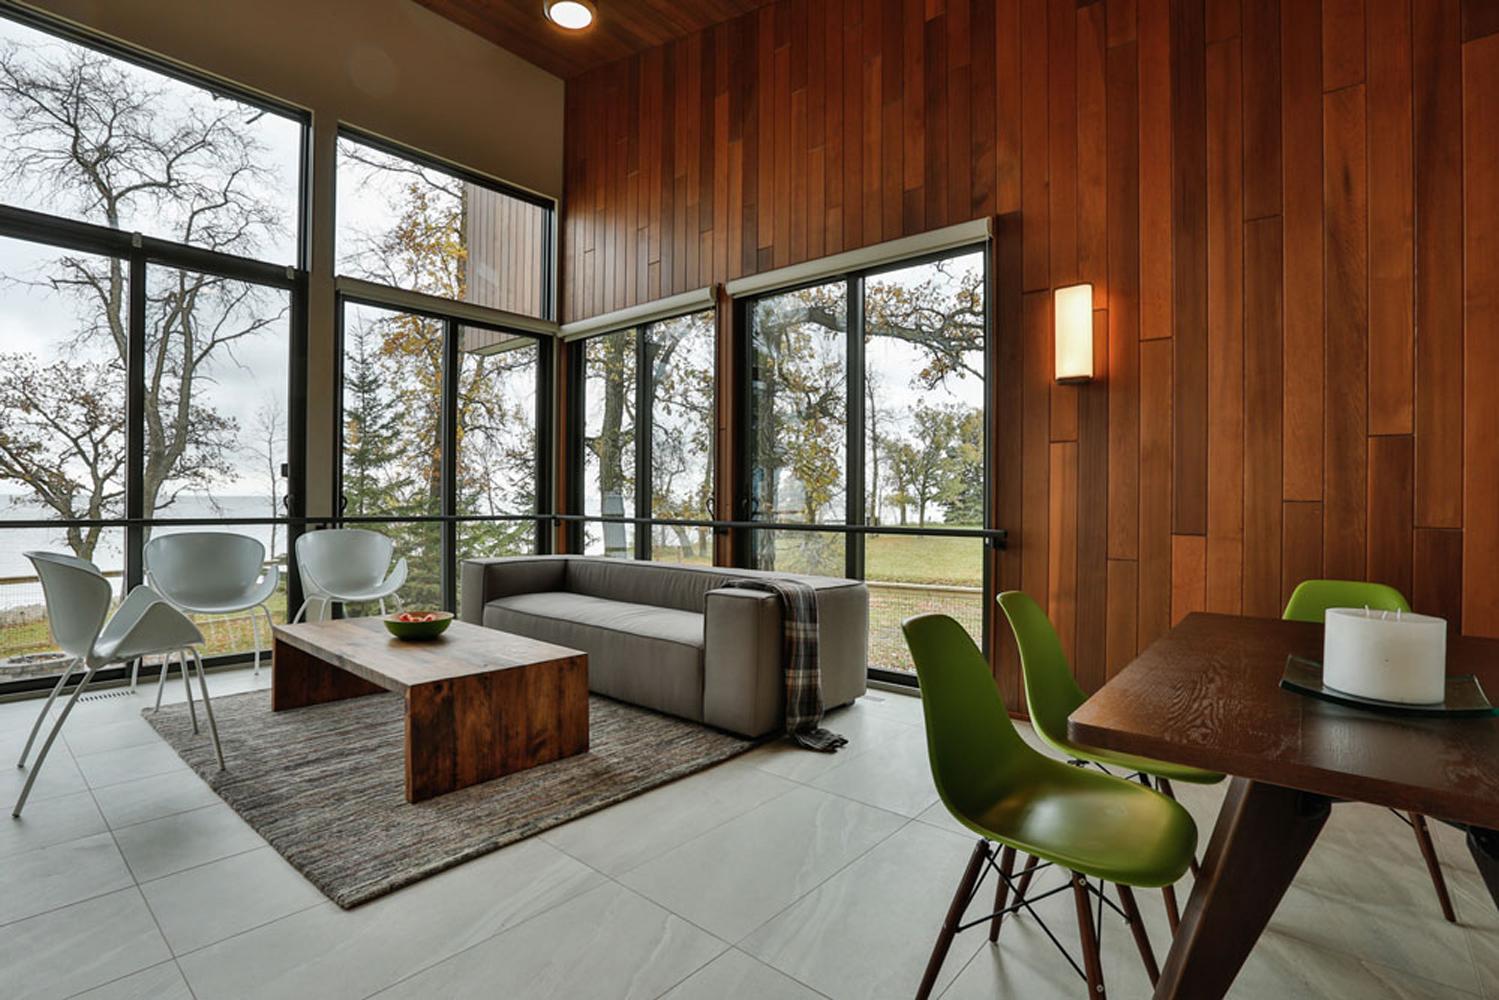 Silex Windows installed in modern home